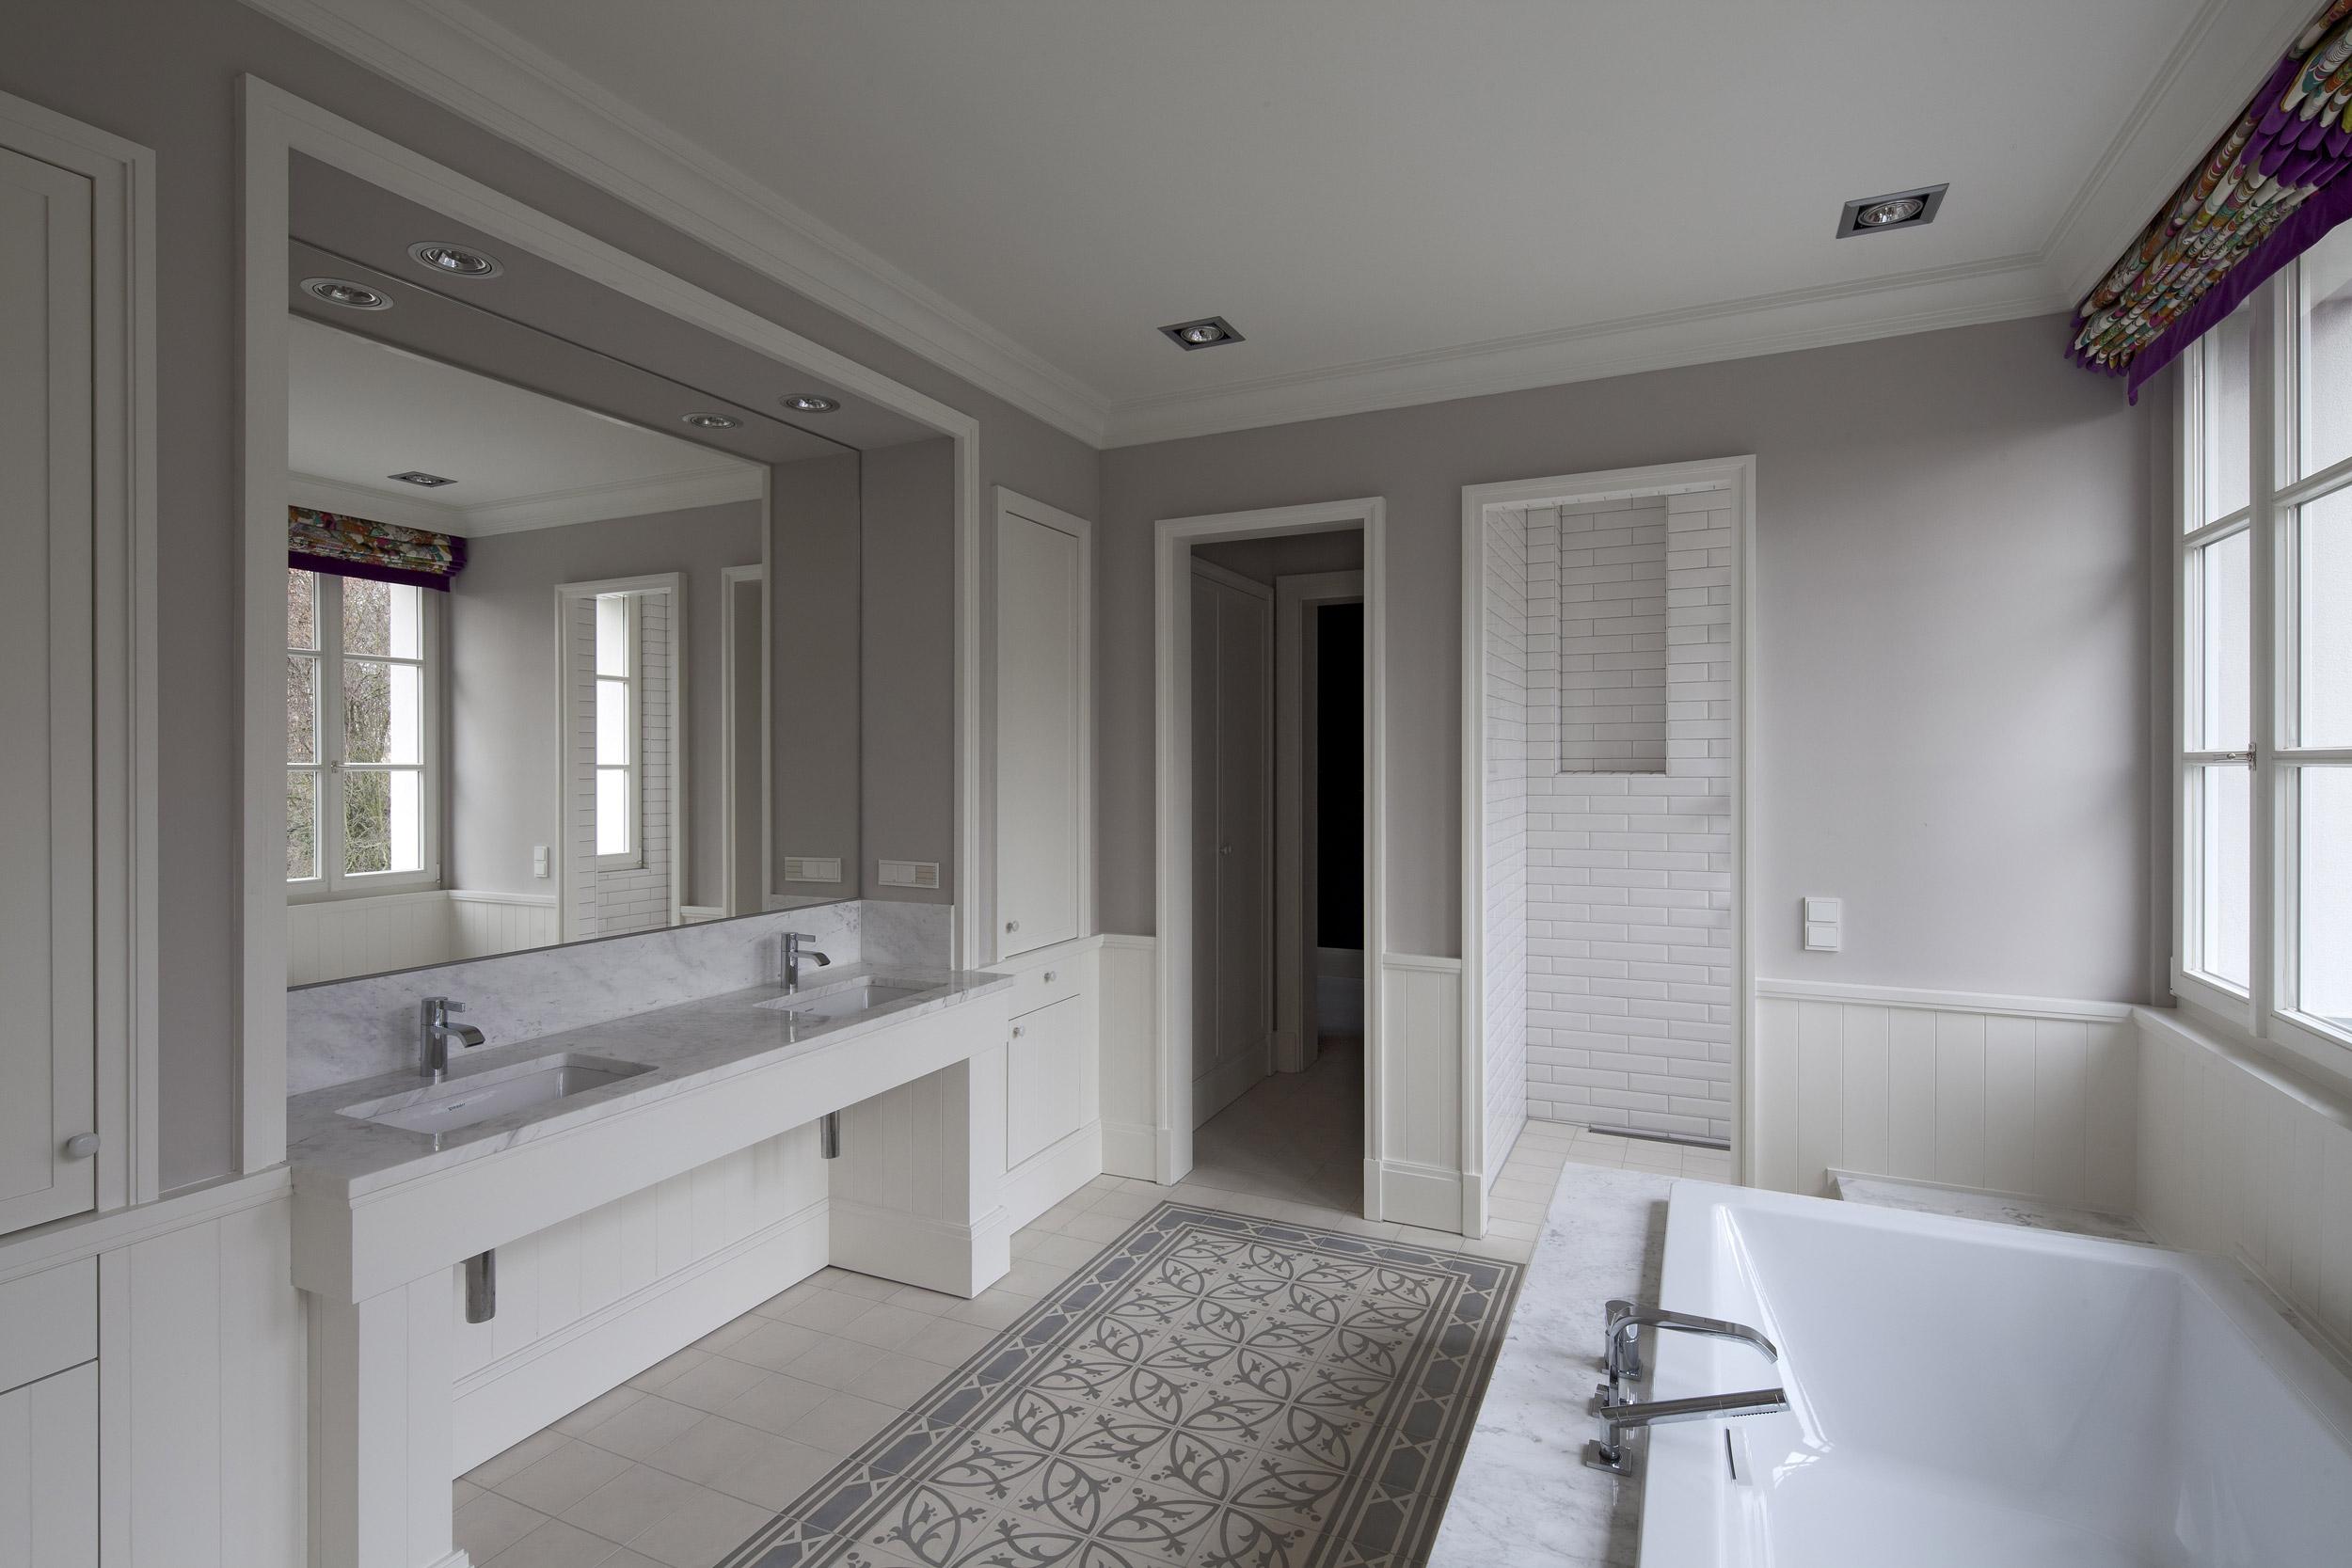 Masterbad im französischen Landhausstil – Neubau klassizistische Villa